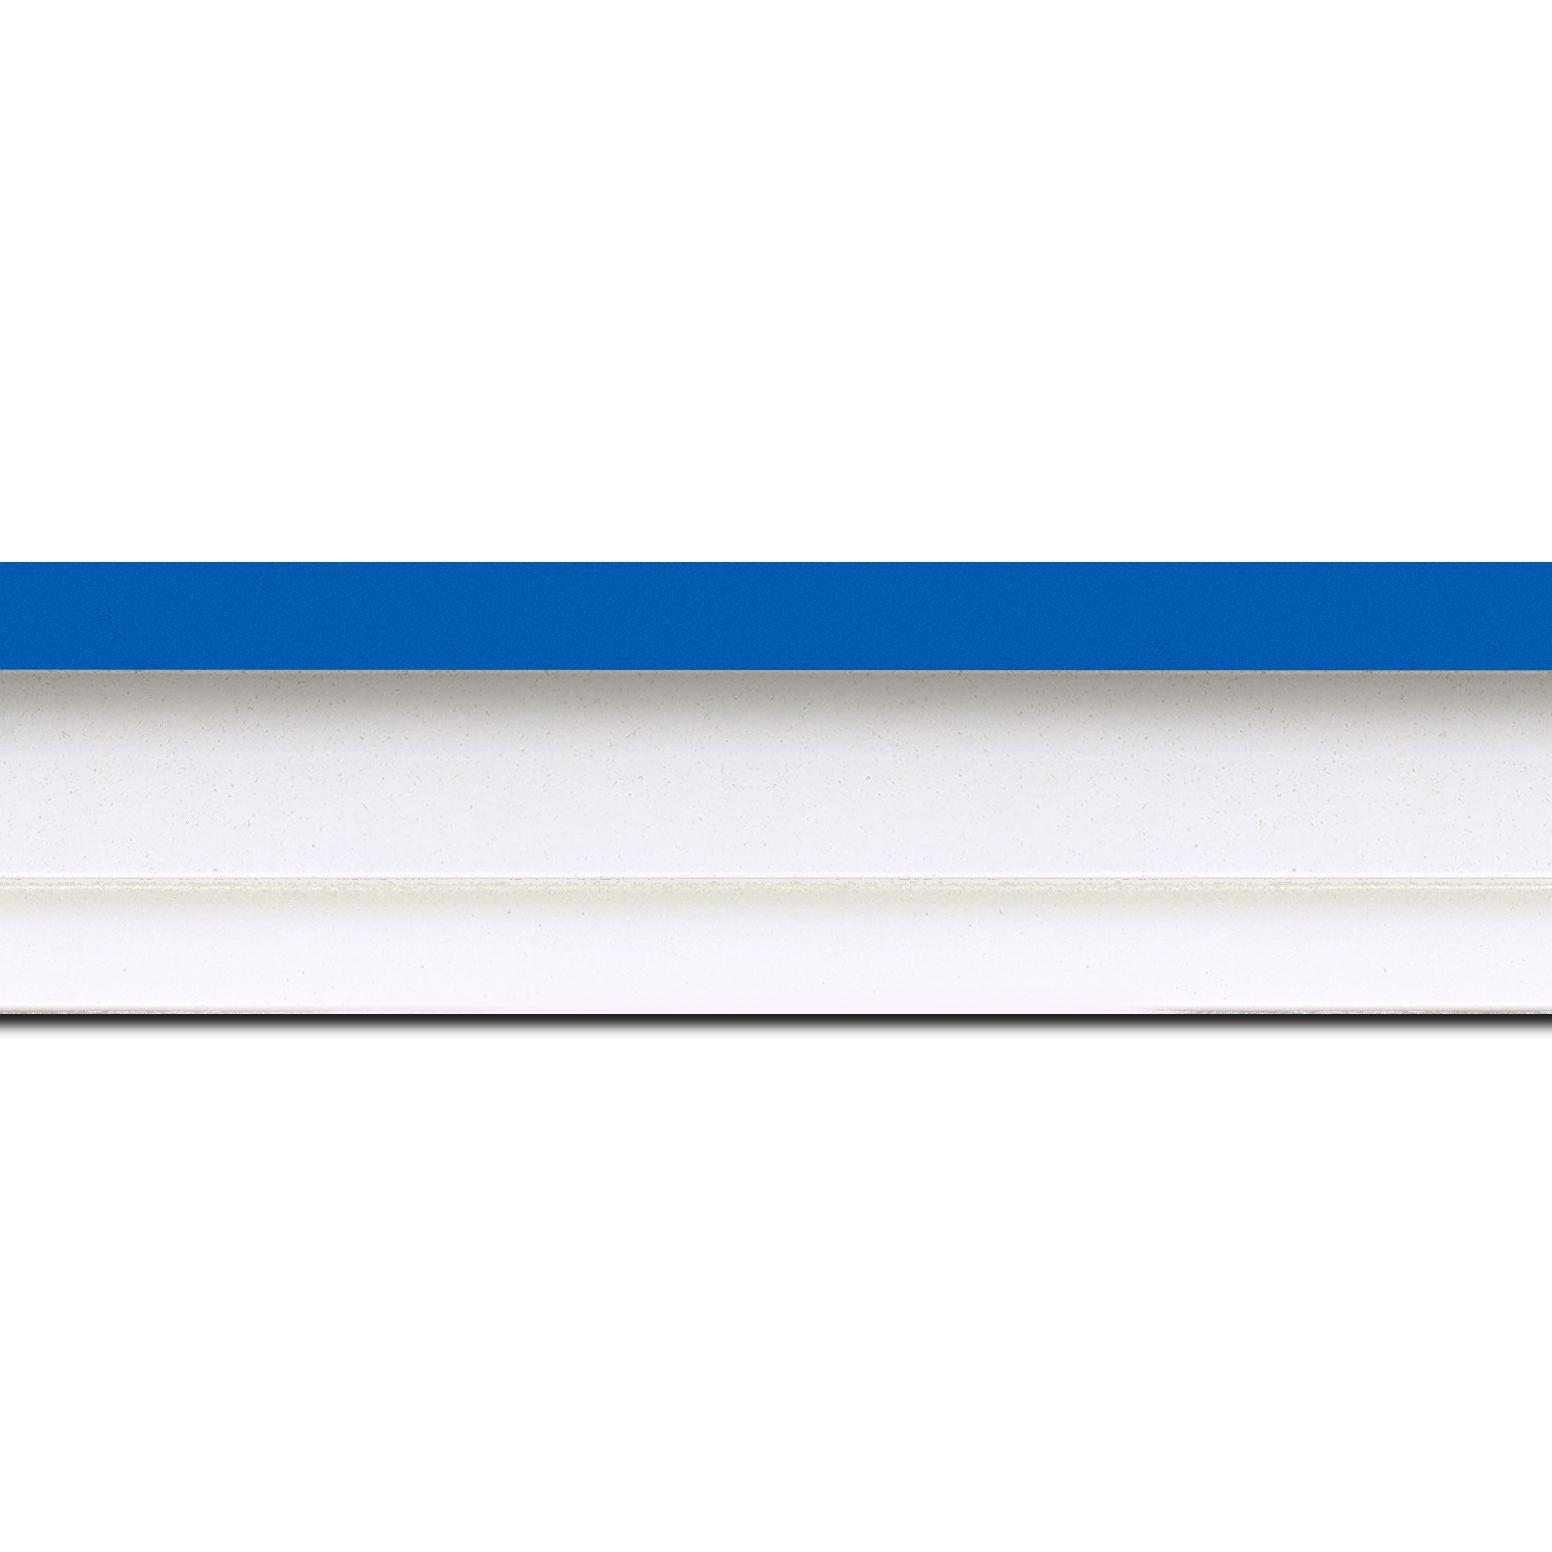 Pack par 12m, bois caisse américaine profil escalier largeur 4.5cm blanc mat filet bleu (spécialement conçu pour les châssis d'une épaisseur jusqu'à 2.5cm )(longueur baguette pouvant varier entre 2.40m et 3m selon arrivage des bois)